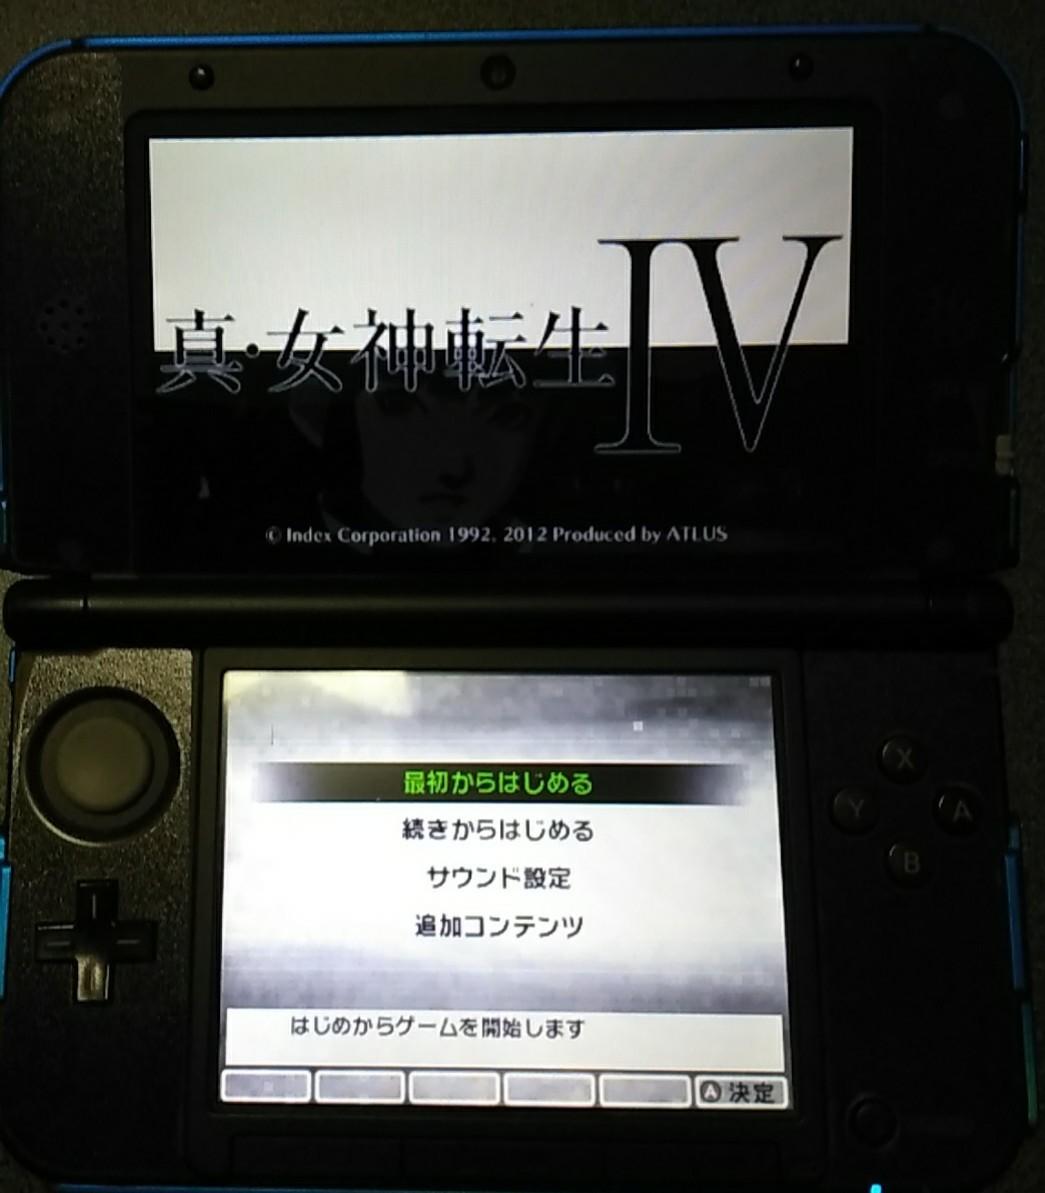 真・女神転生Ⅳ(女神転生シリーズ、3DS用ソフト)